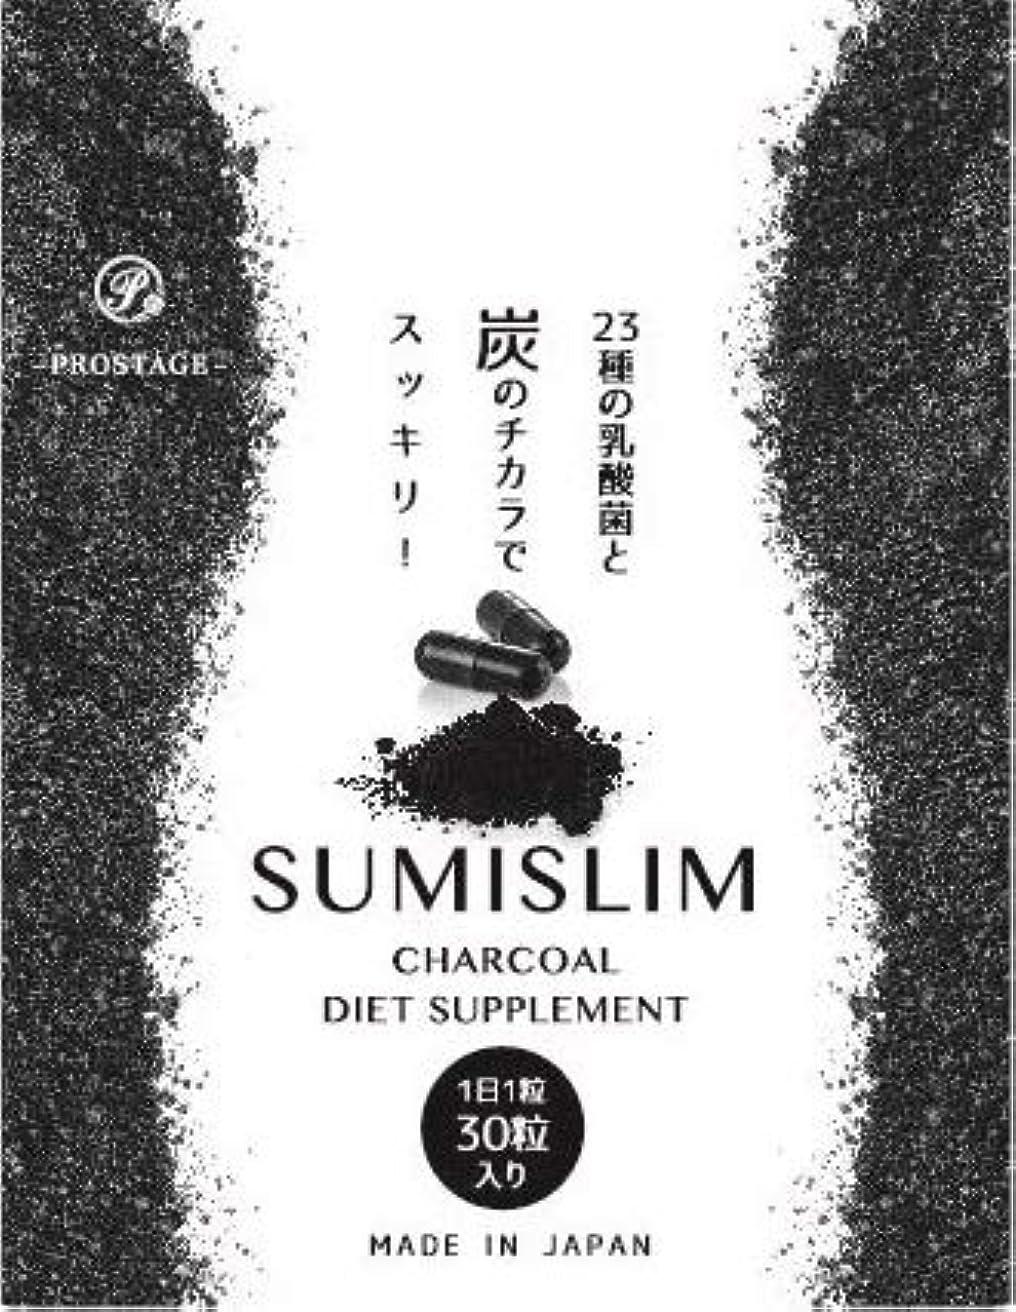 小間音声学急勾配の【 SUMI SLIM 】炭 ダイエット サプリメント チャコール クレンズ サプリ 国産炭 + 乳酸菌 スミ スリム 30日分